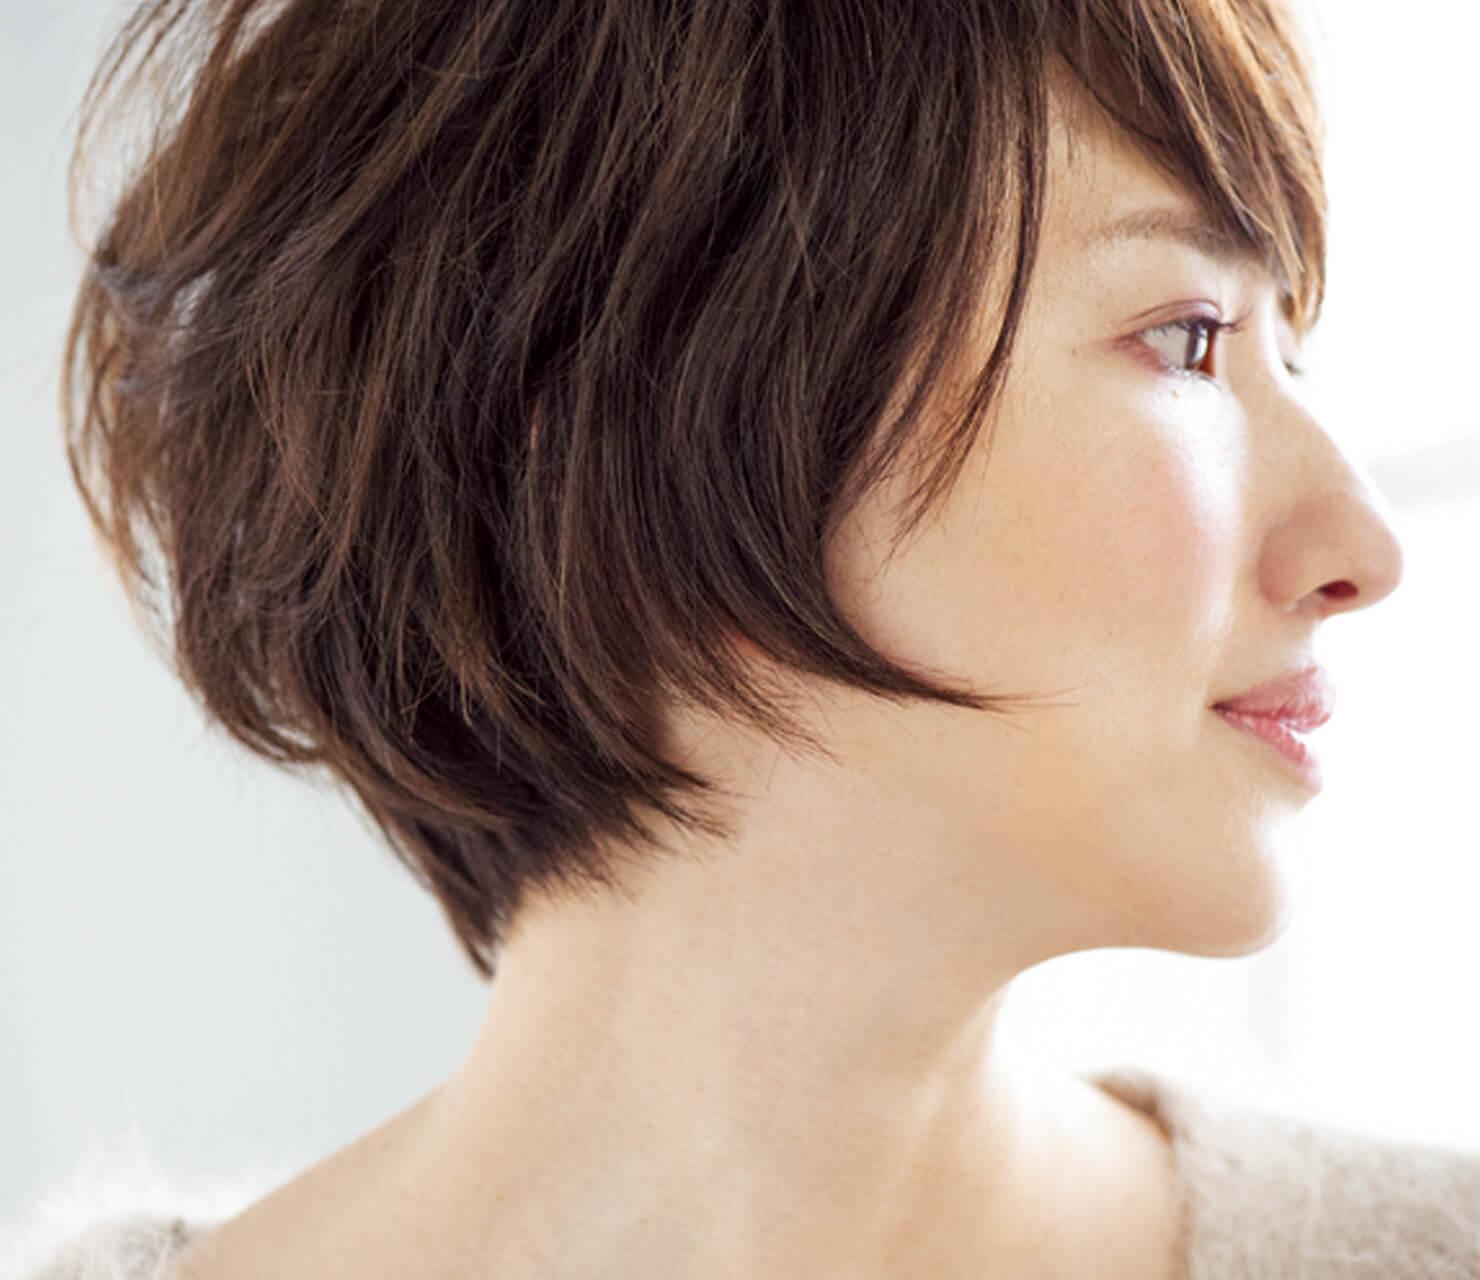 スタイリング楽々で好感度もアップ!40代のためのショートヘア【40代のショートヘア】_1_3